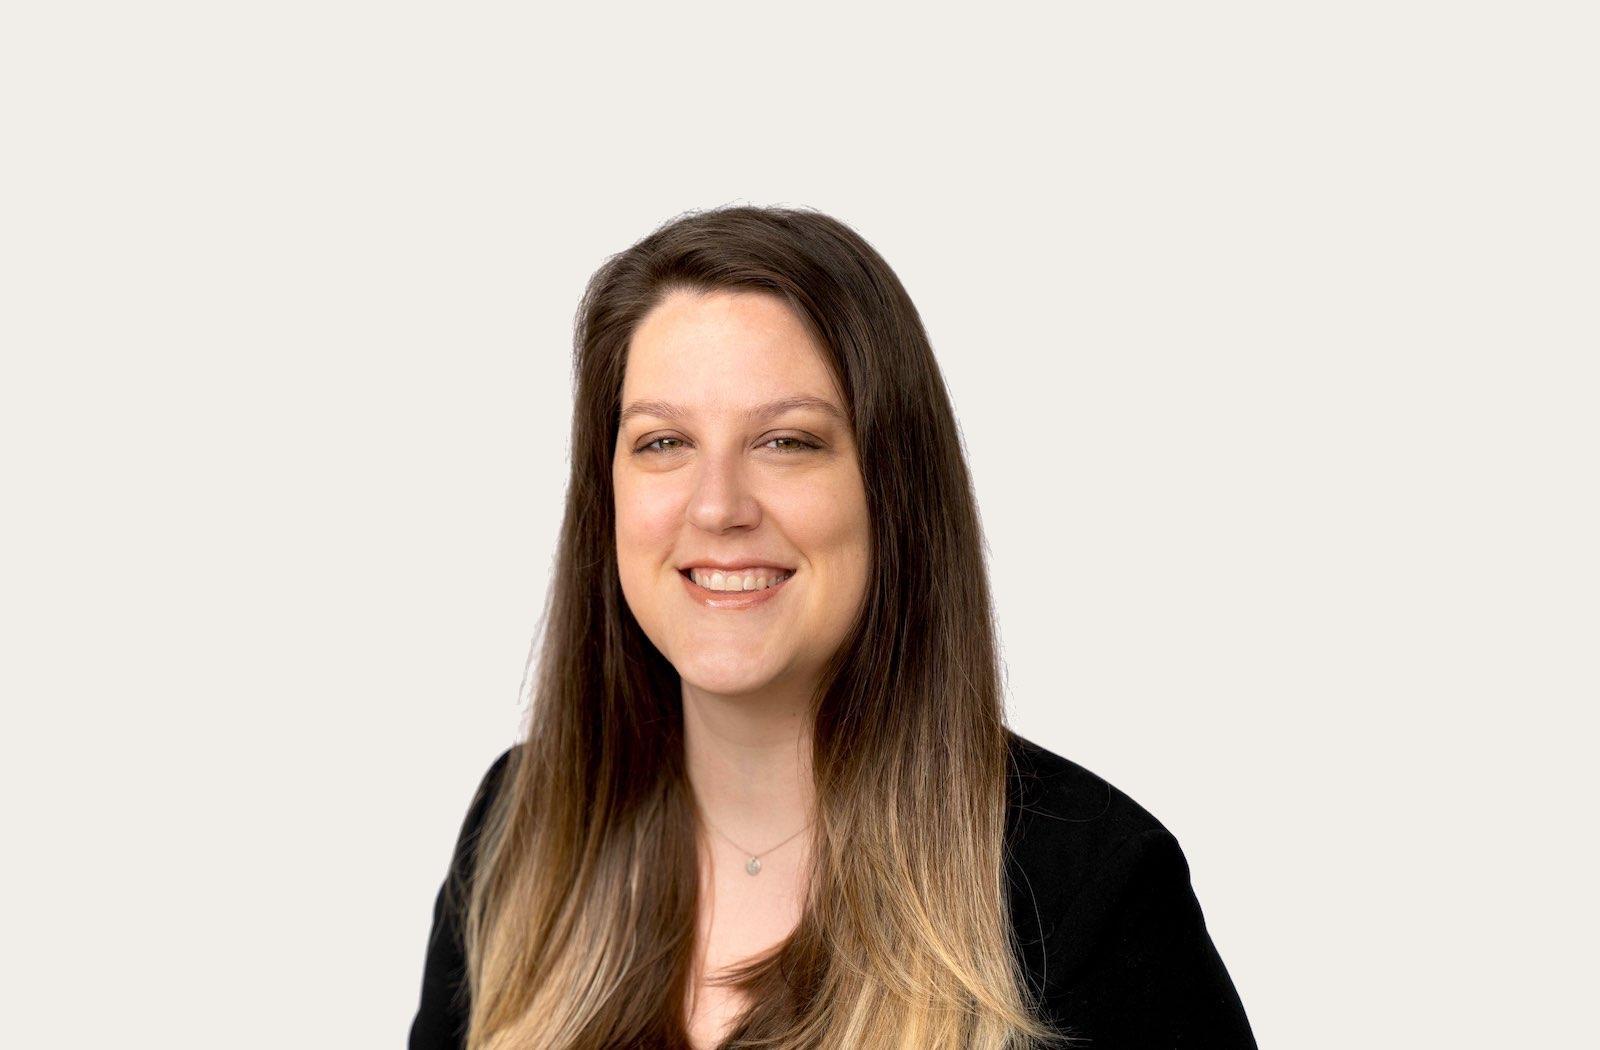 Amanda C. Glenn